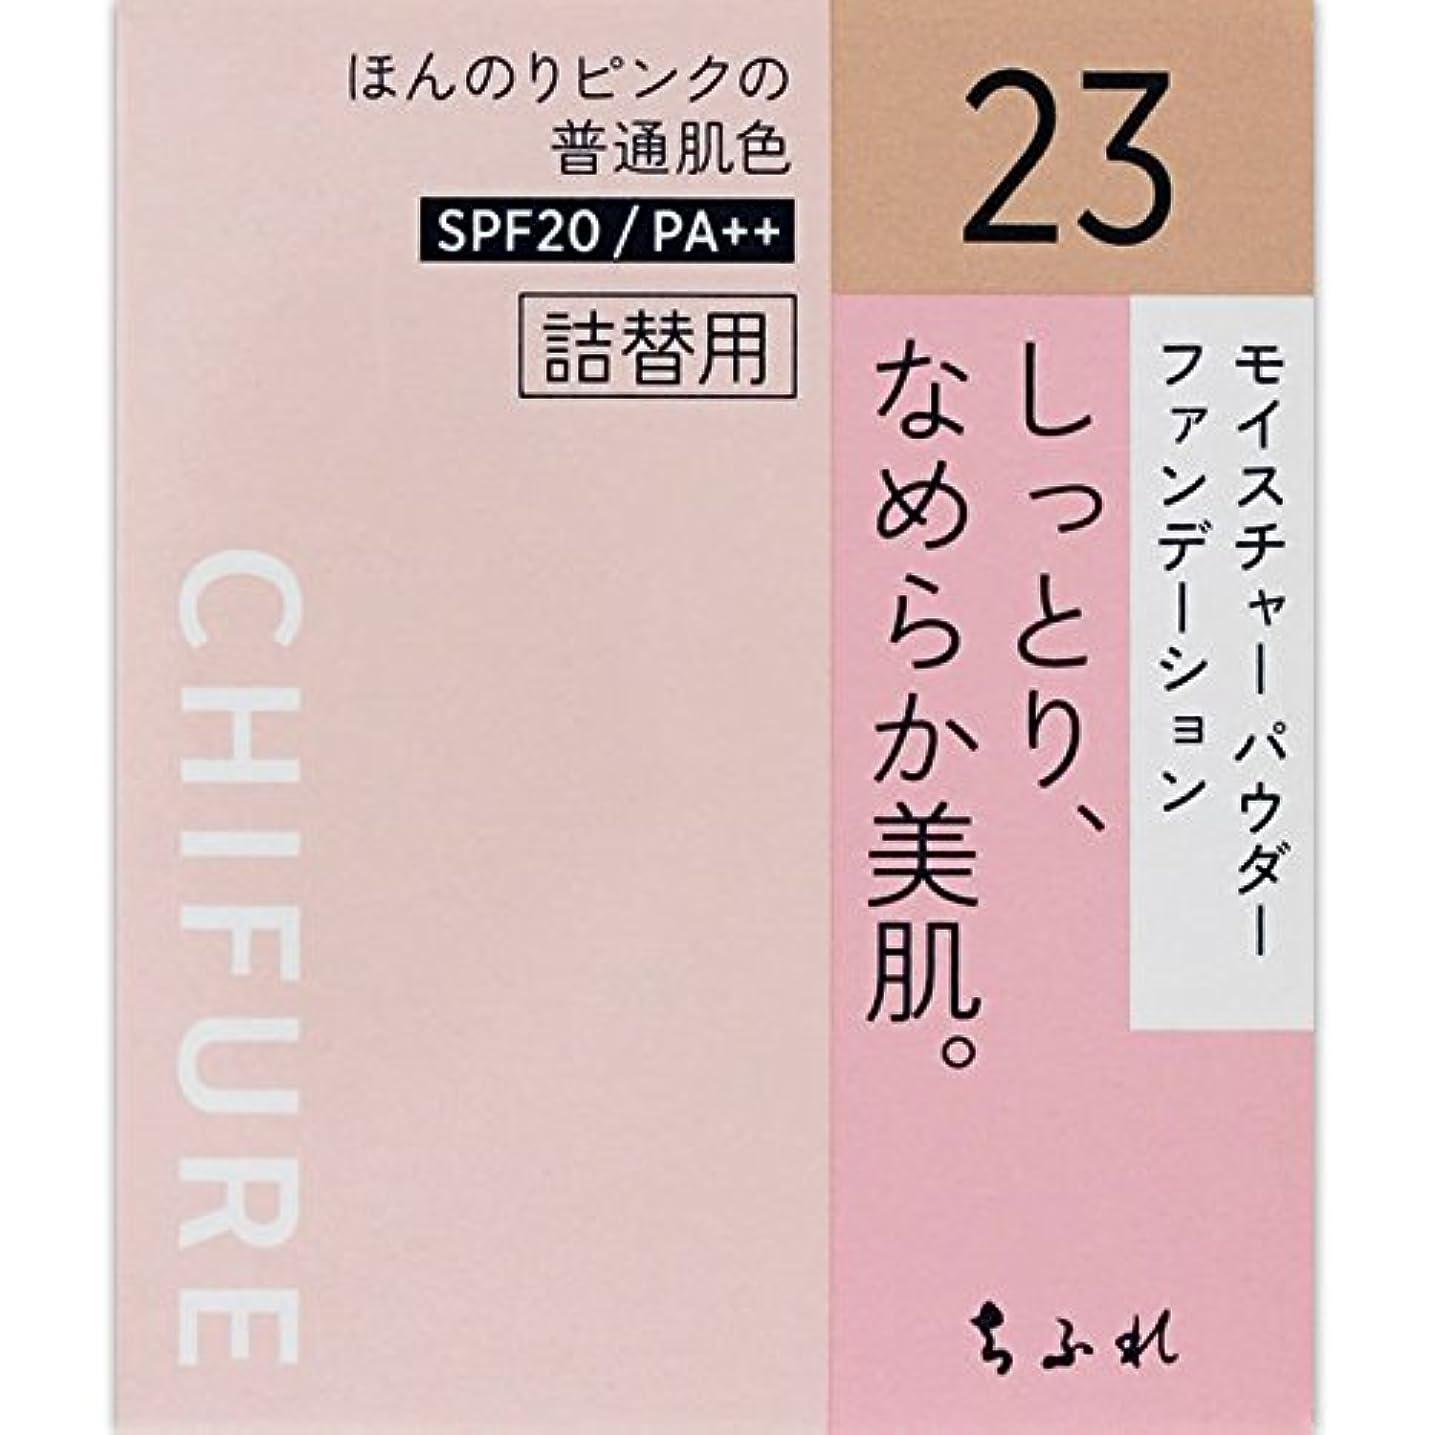 肉腫価値酸ちふれ化粧品 モイスチャー パウダーファンデーション 詰替用 ピンクオークル系 MパウダーFD詰替用23